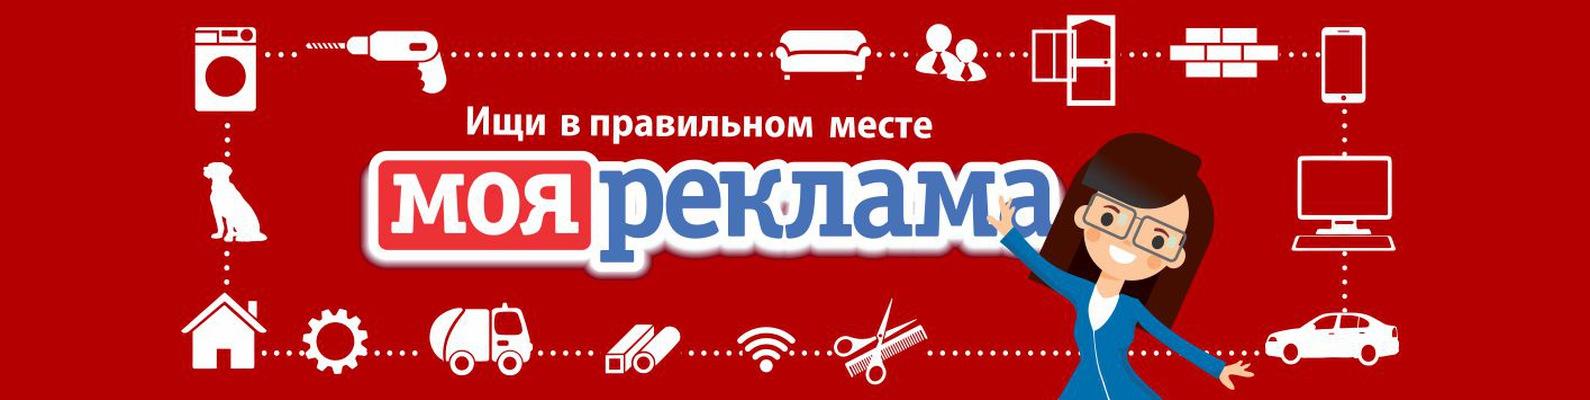 Интернет адрес газеты моя реклама, орёл узнать ключевые слова конкурентов в яндекс директ бесплатно